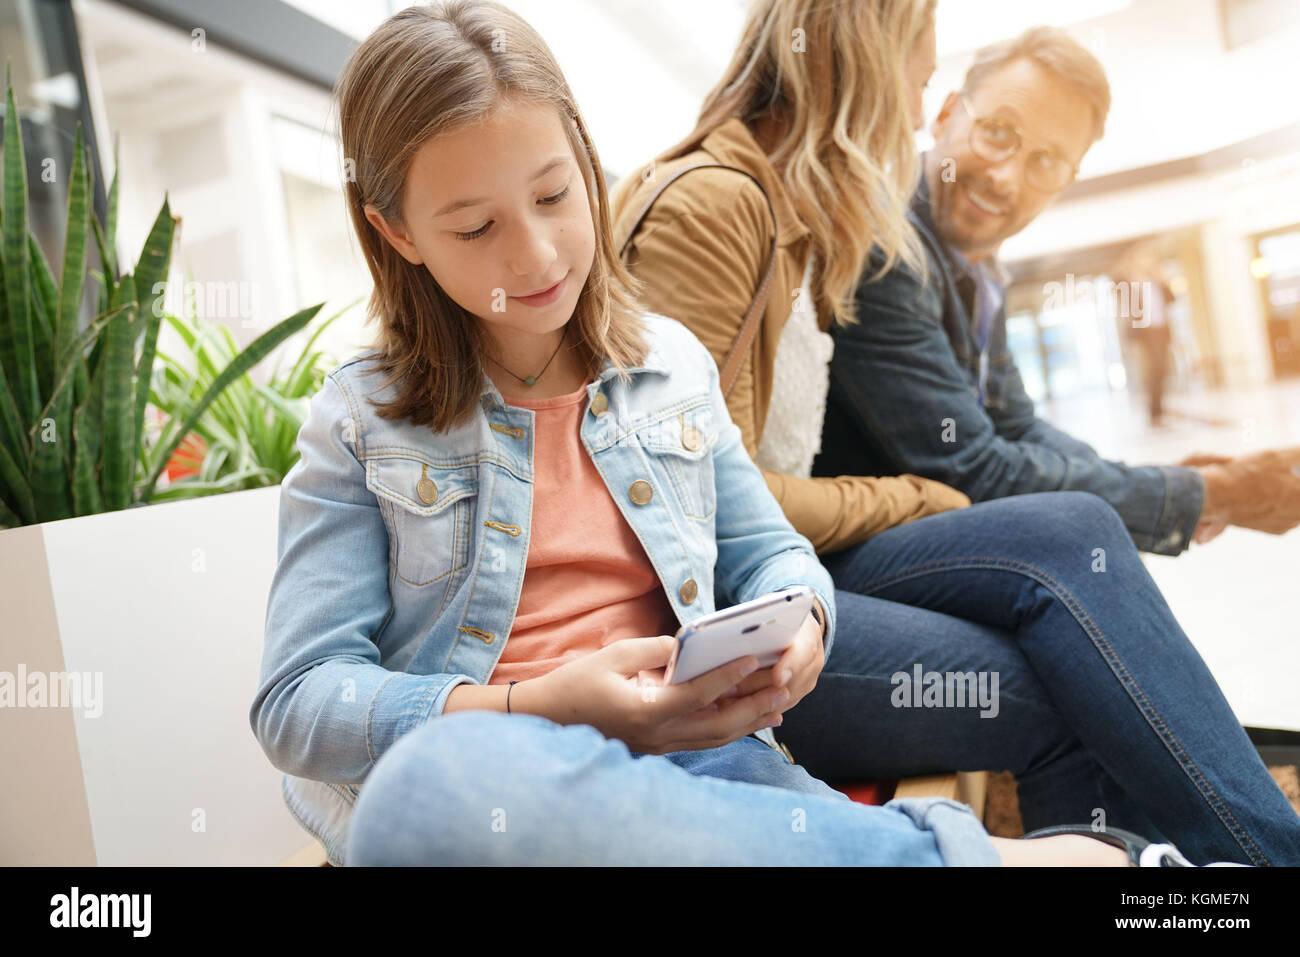 Familie auf Shopping Tag in der Mall, sitzen auf den öffentlichen Prüfstand Stockbild